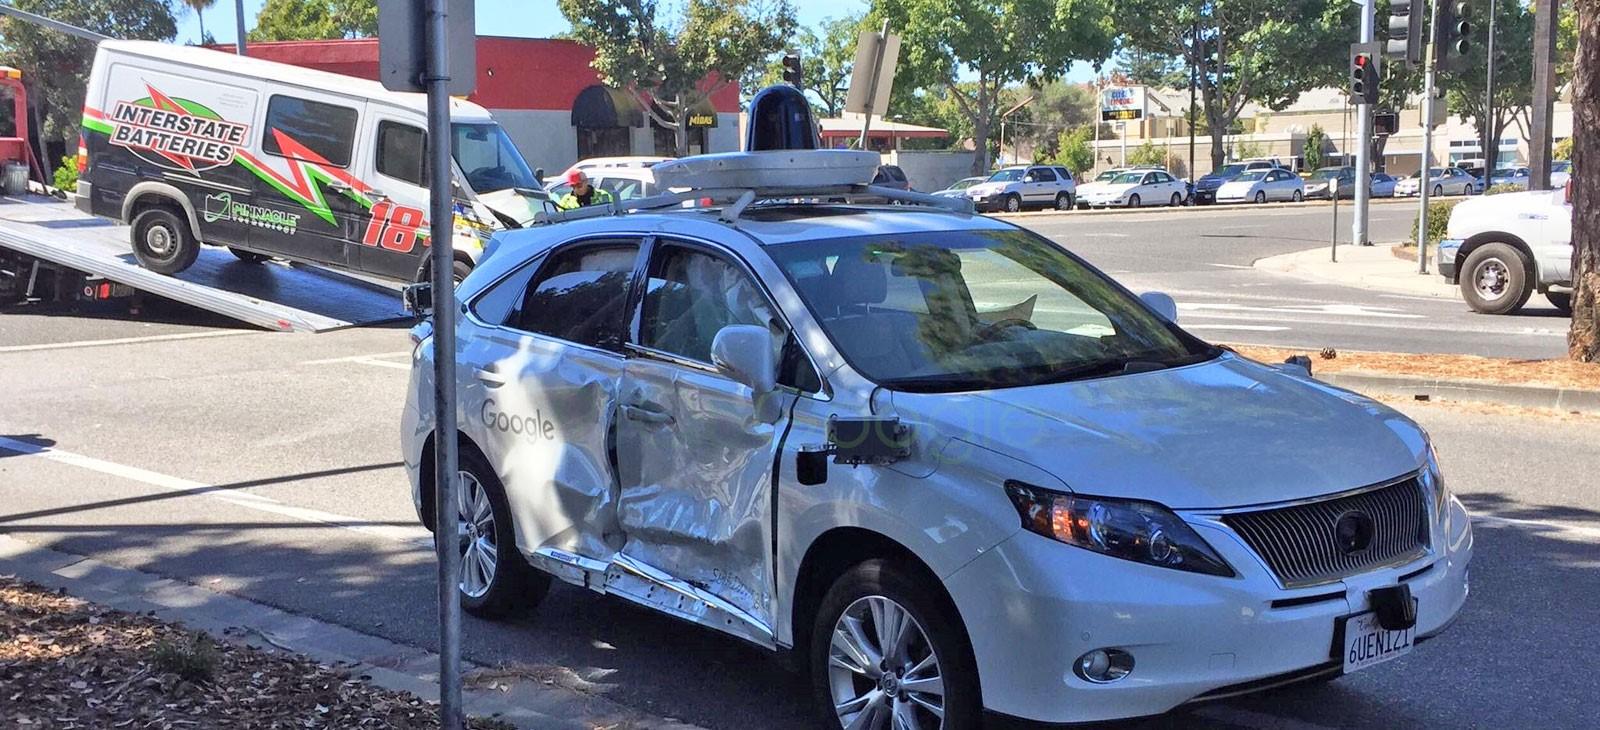 Les assureurs souhaitent placer des boites noires sur les voitures autonomes